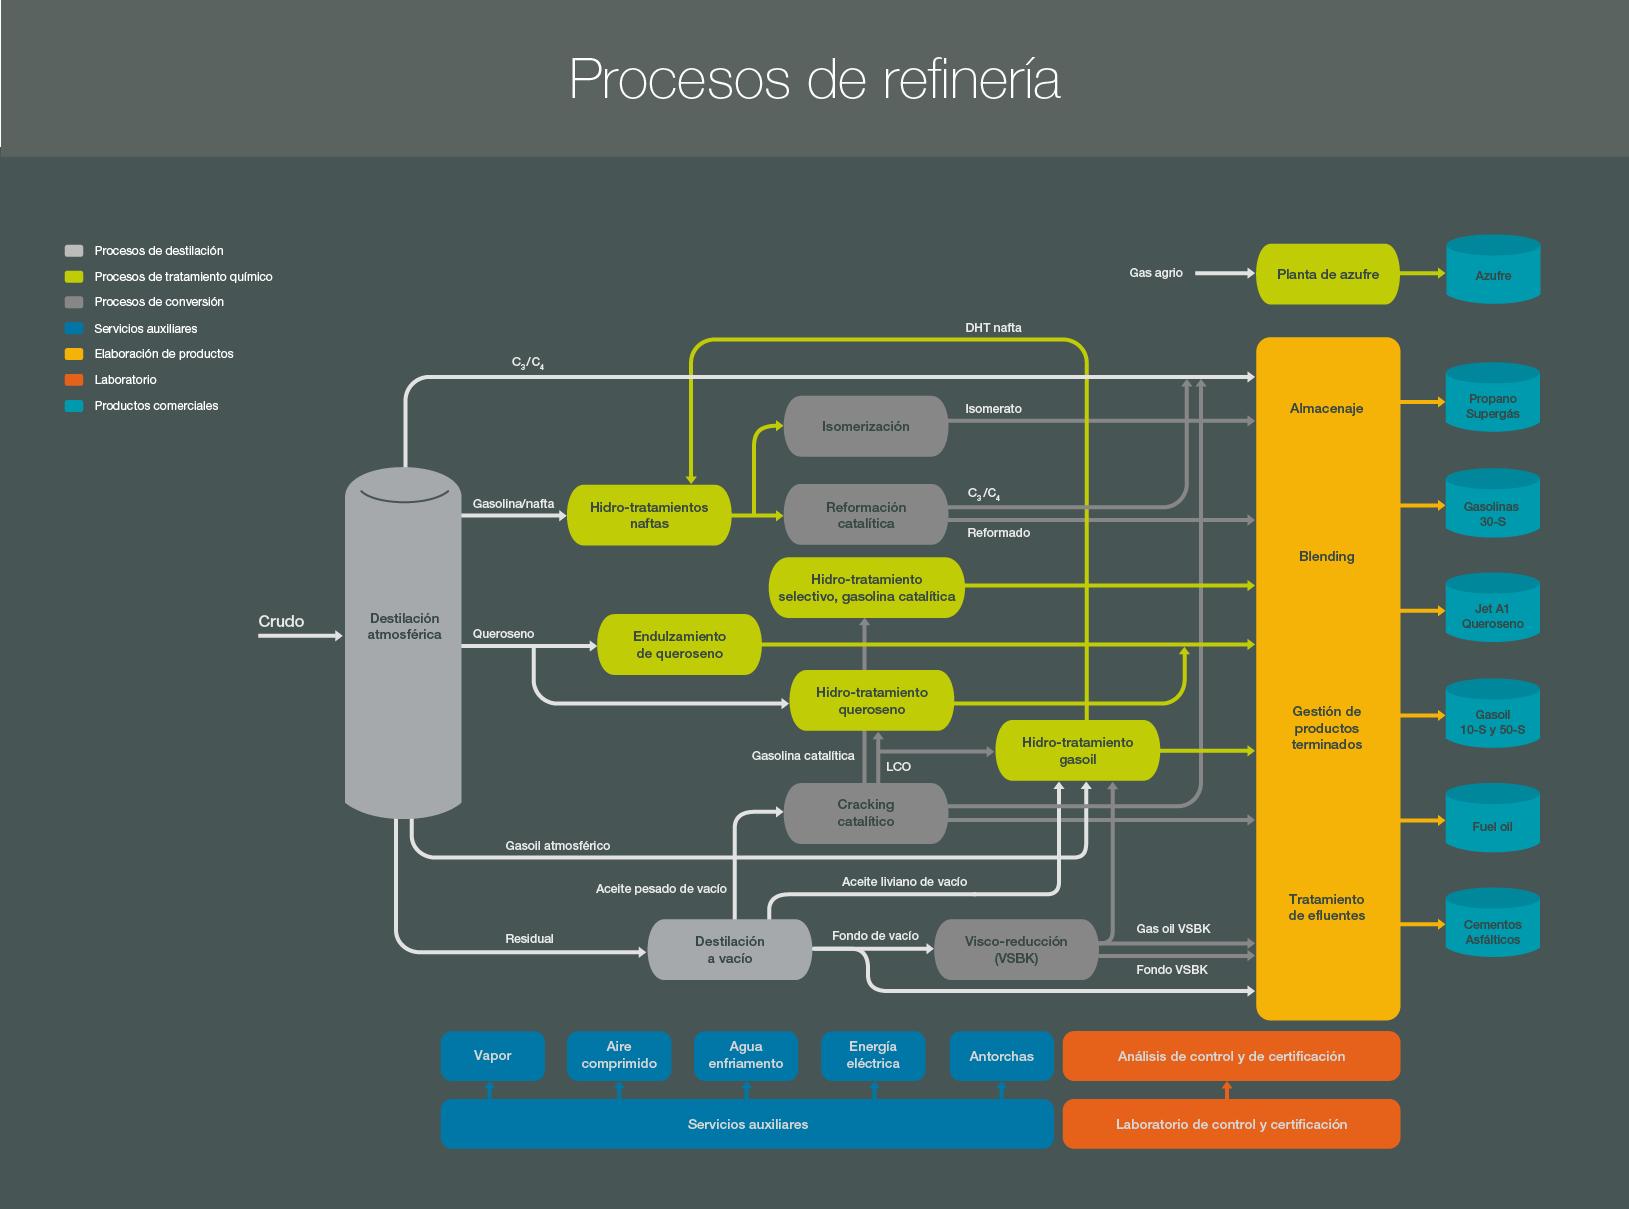 Procesos De La Refineria on Imagenes Para Imprimir